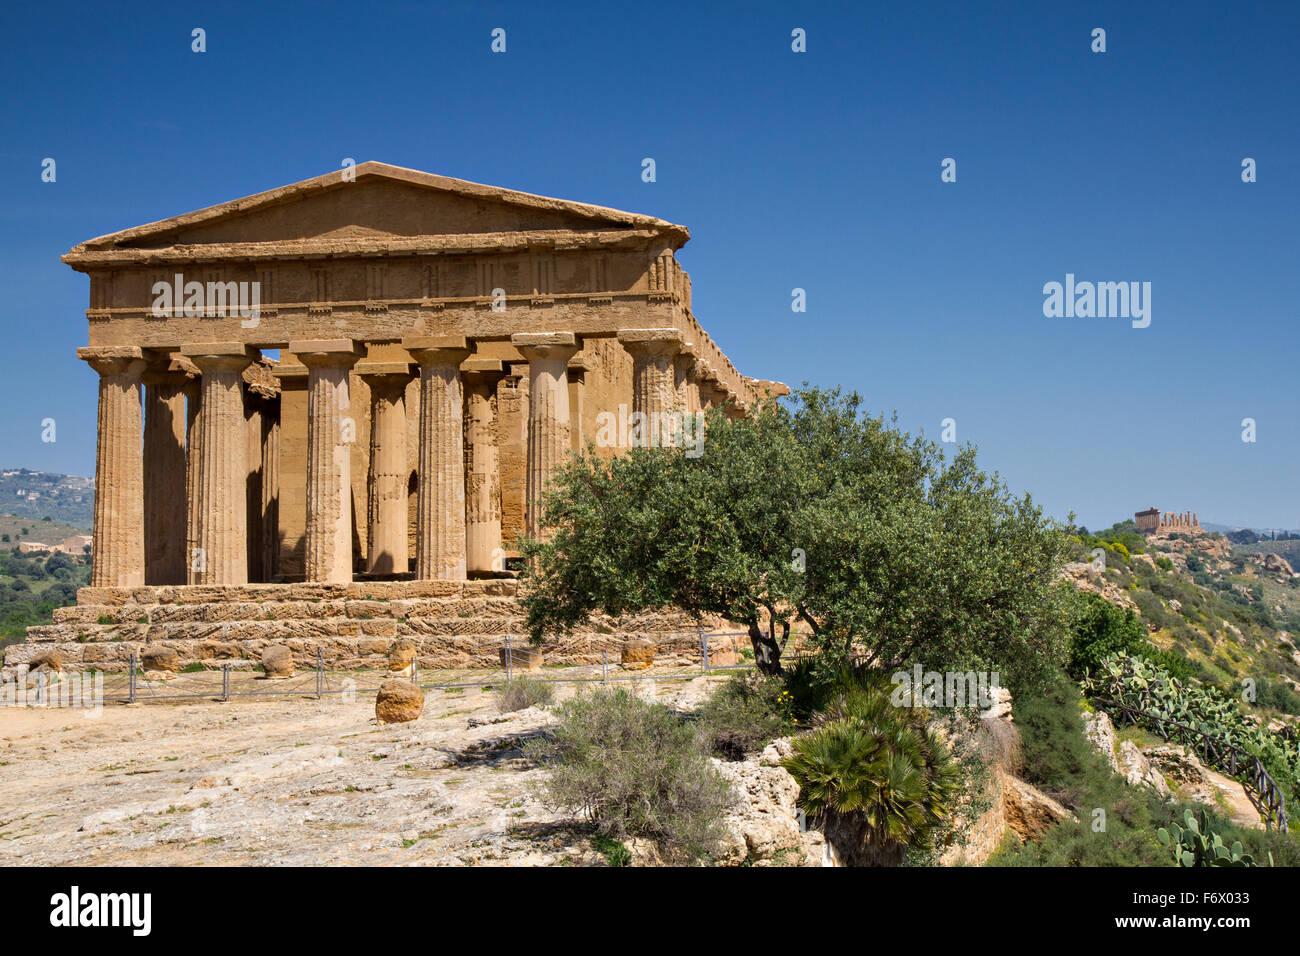 Valle de los templos, Agrigento, Sicilia, Italia Imagen De Stock